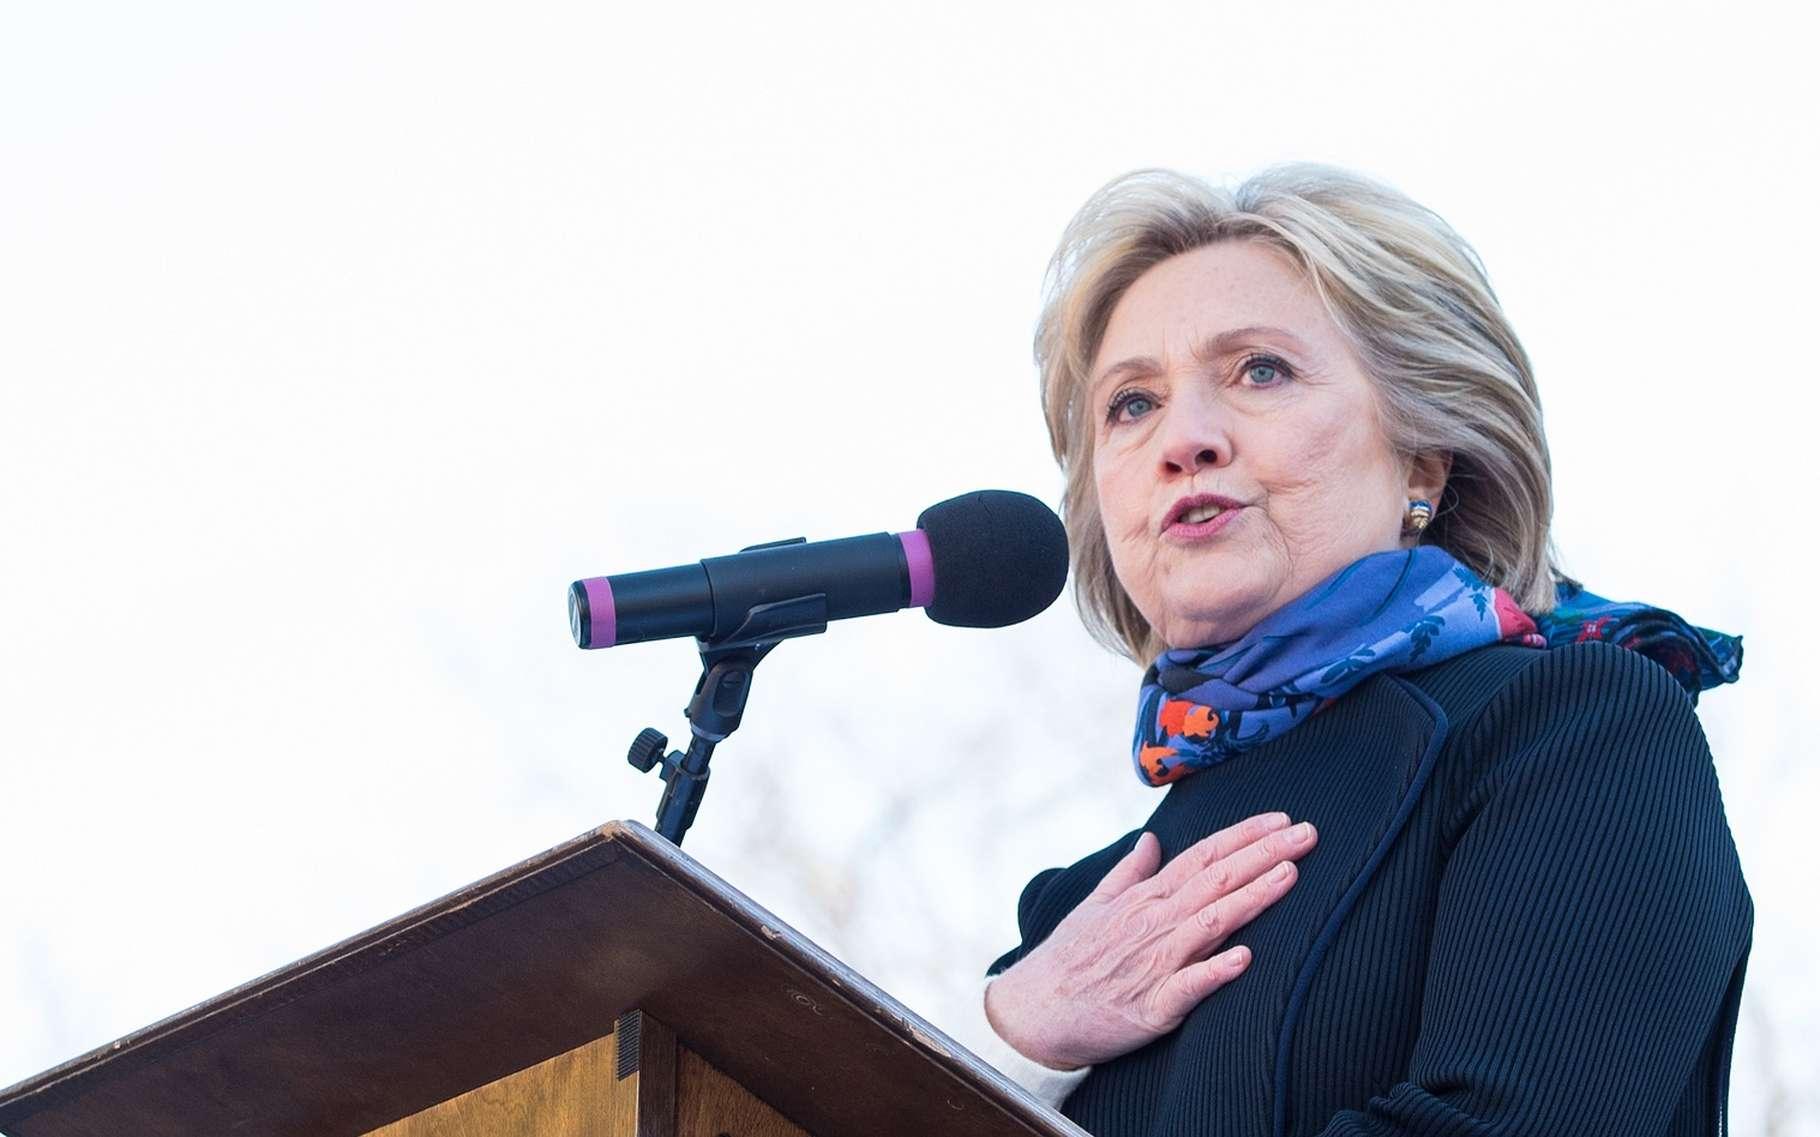 Les pneumonies sont plus fréquentes en hiver, mais pas absentes en été. Hillary Clinton en aurait fait les frais en ce début de septembre 2016. © Crush Rush, Shutterstock